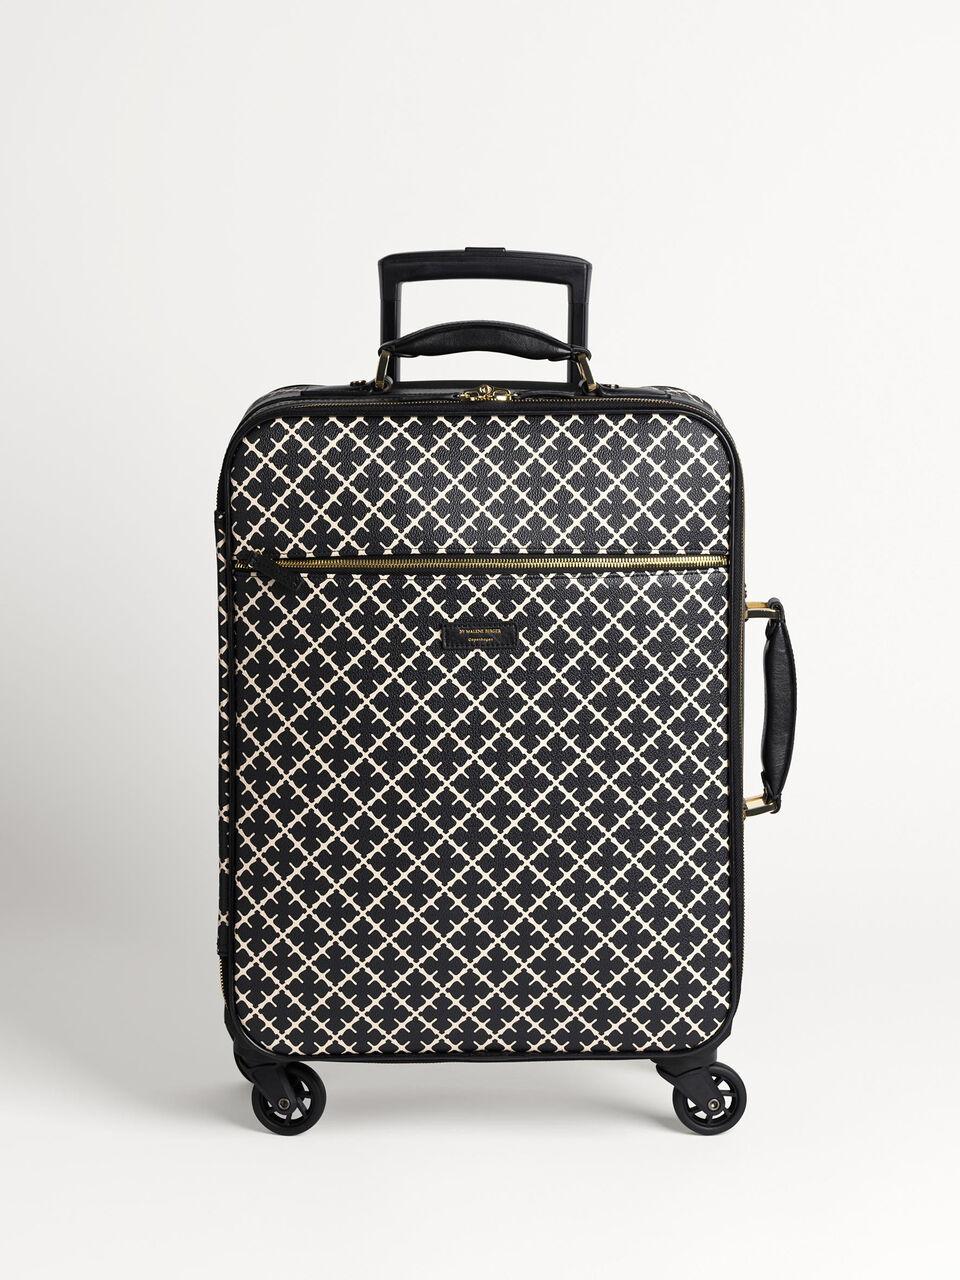 Hvite Shoppingbager | Dame | Nye vesker & kofferter på nett